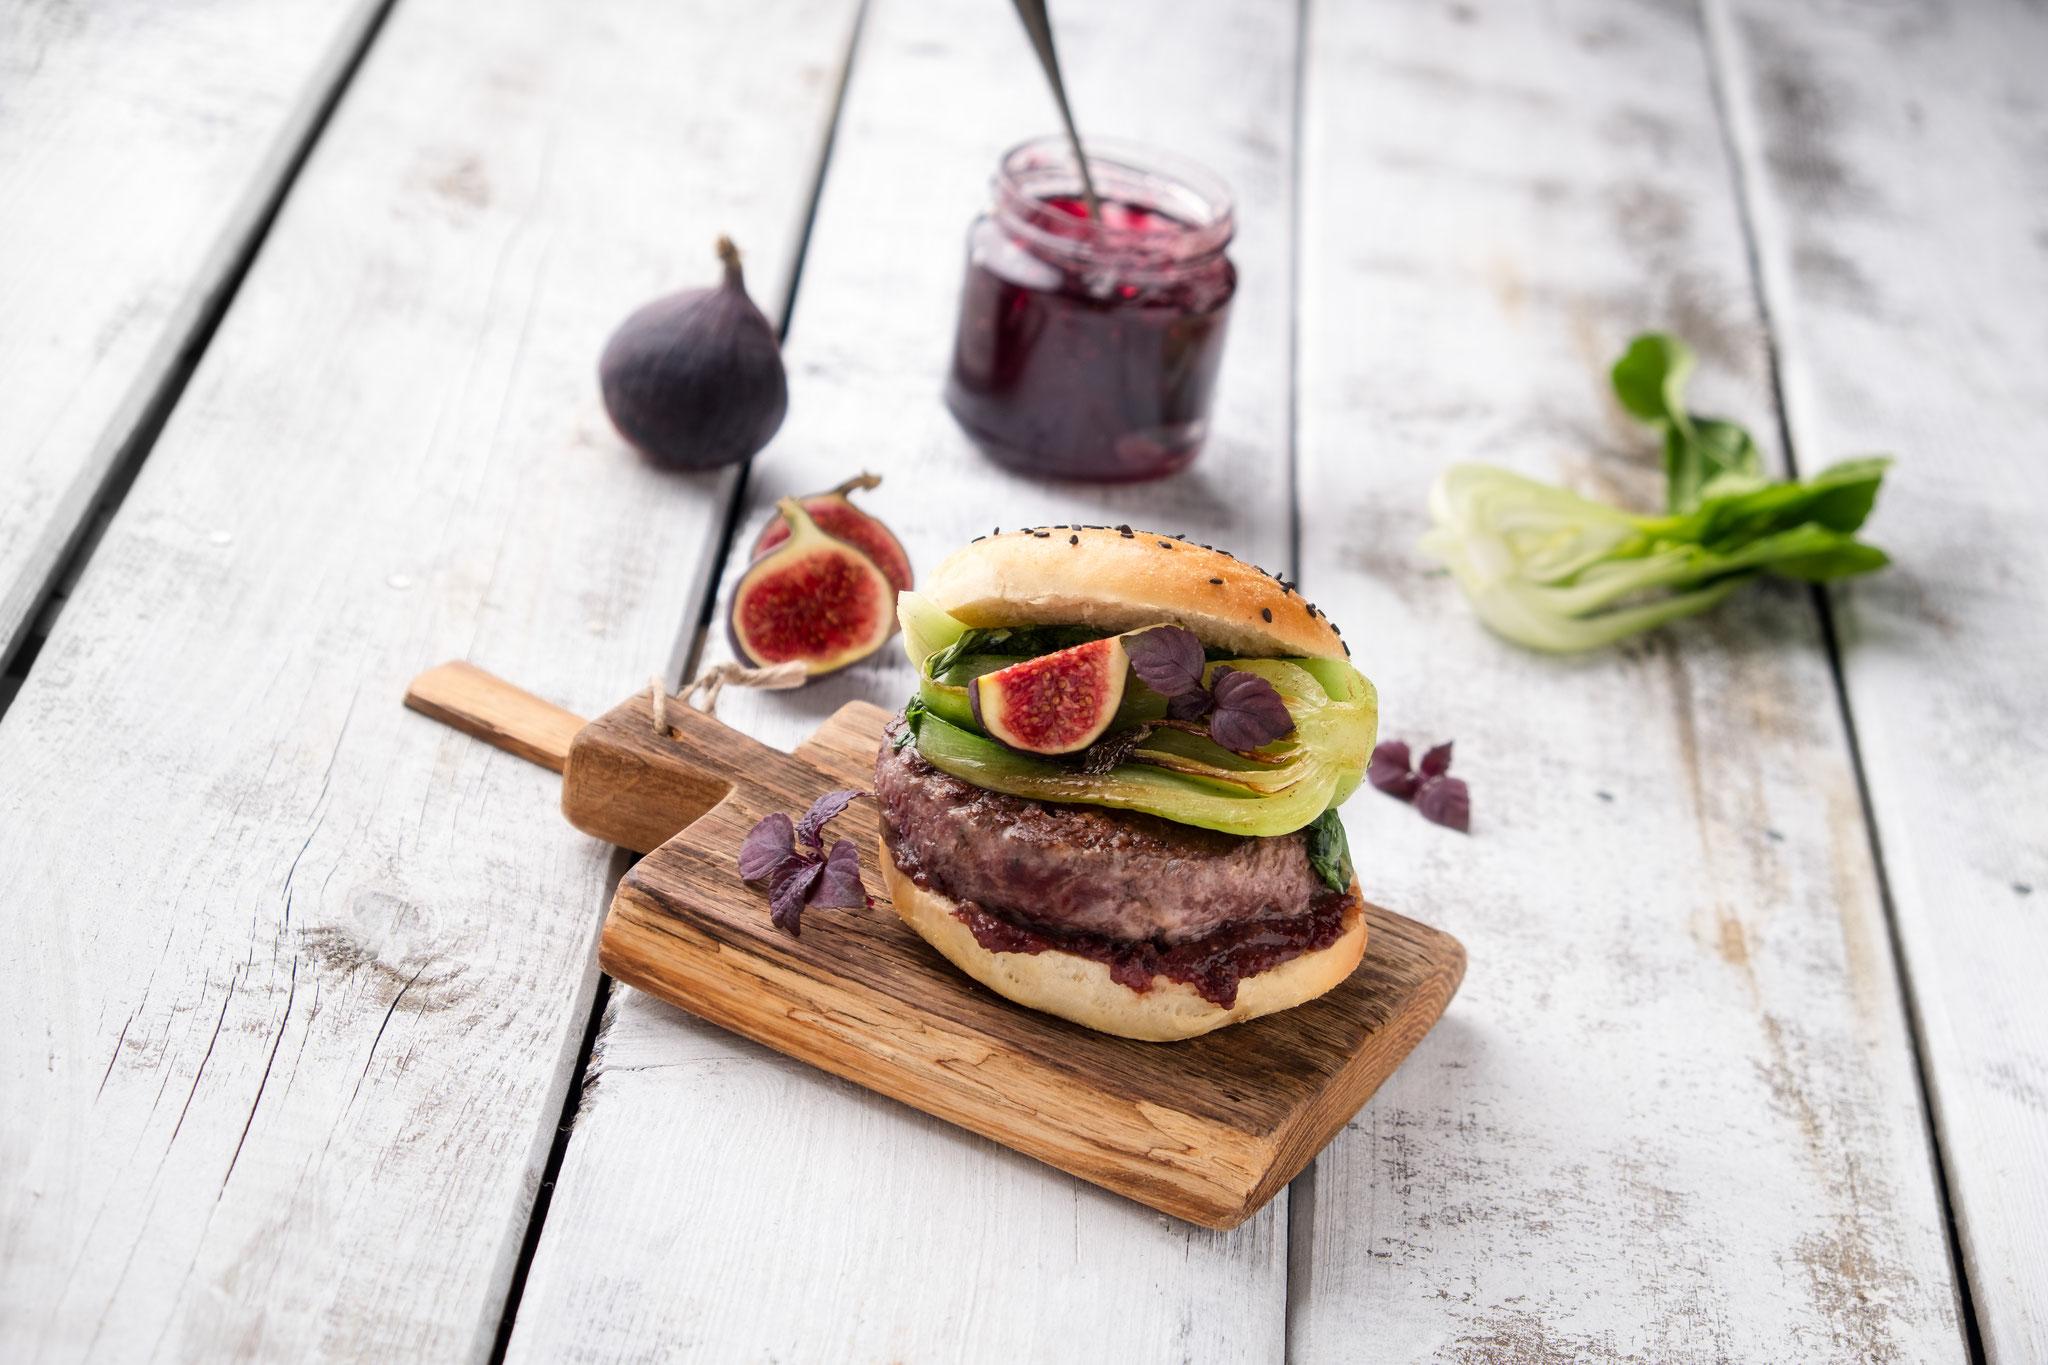 Wild-Burger auf altem Holz, 45° Ansicht, entstanden beim Food-Fotografie Workshop am 23.10.2016